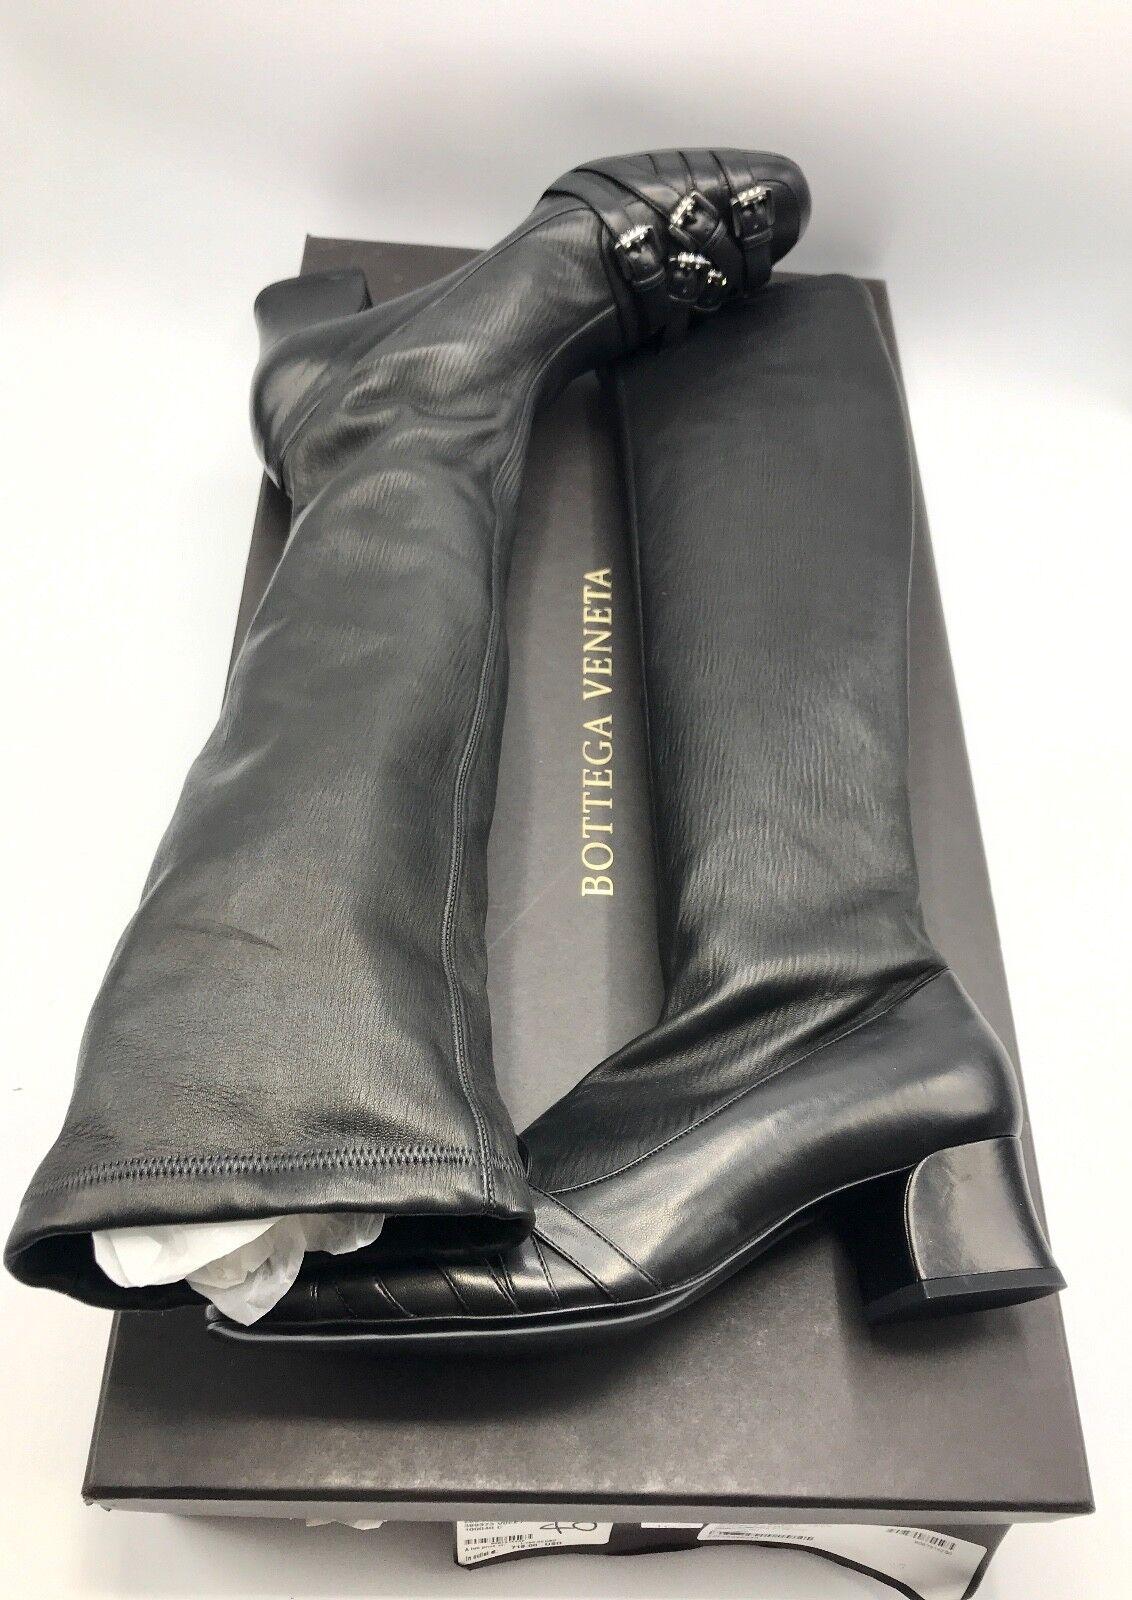 in vendita NIB BOTTEGA VENETA VENETA VENETA Donna  nero Leather stivali scarpe NAPPA STRETCH Dimensione 40 US10  comprare sconti